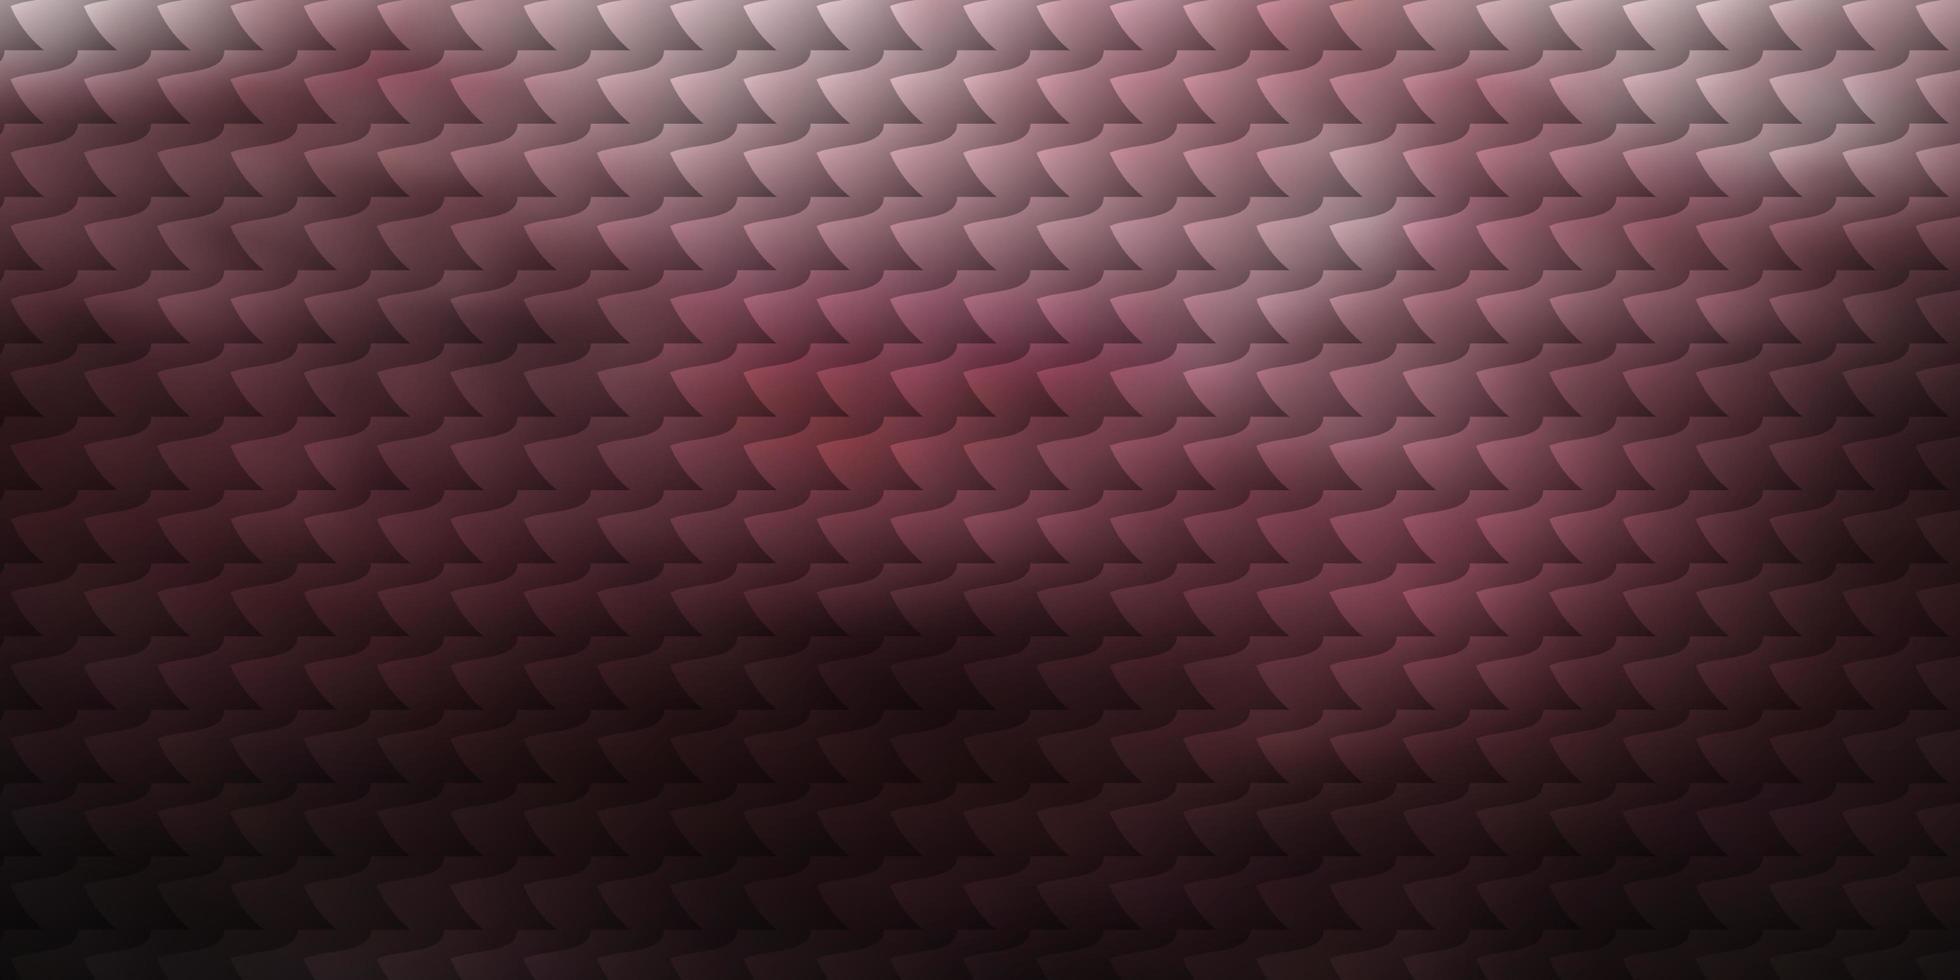 layout rosso chiaro con linee, rettangoli. vettore